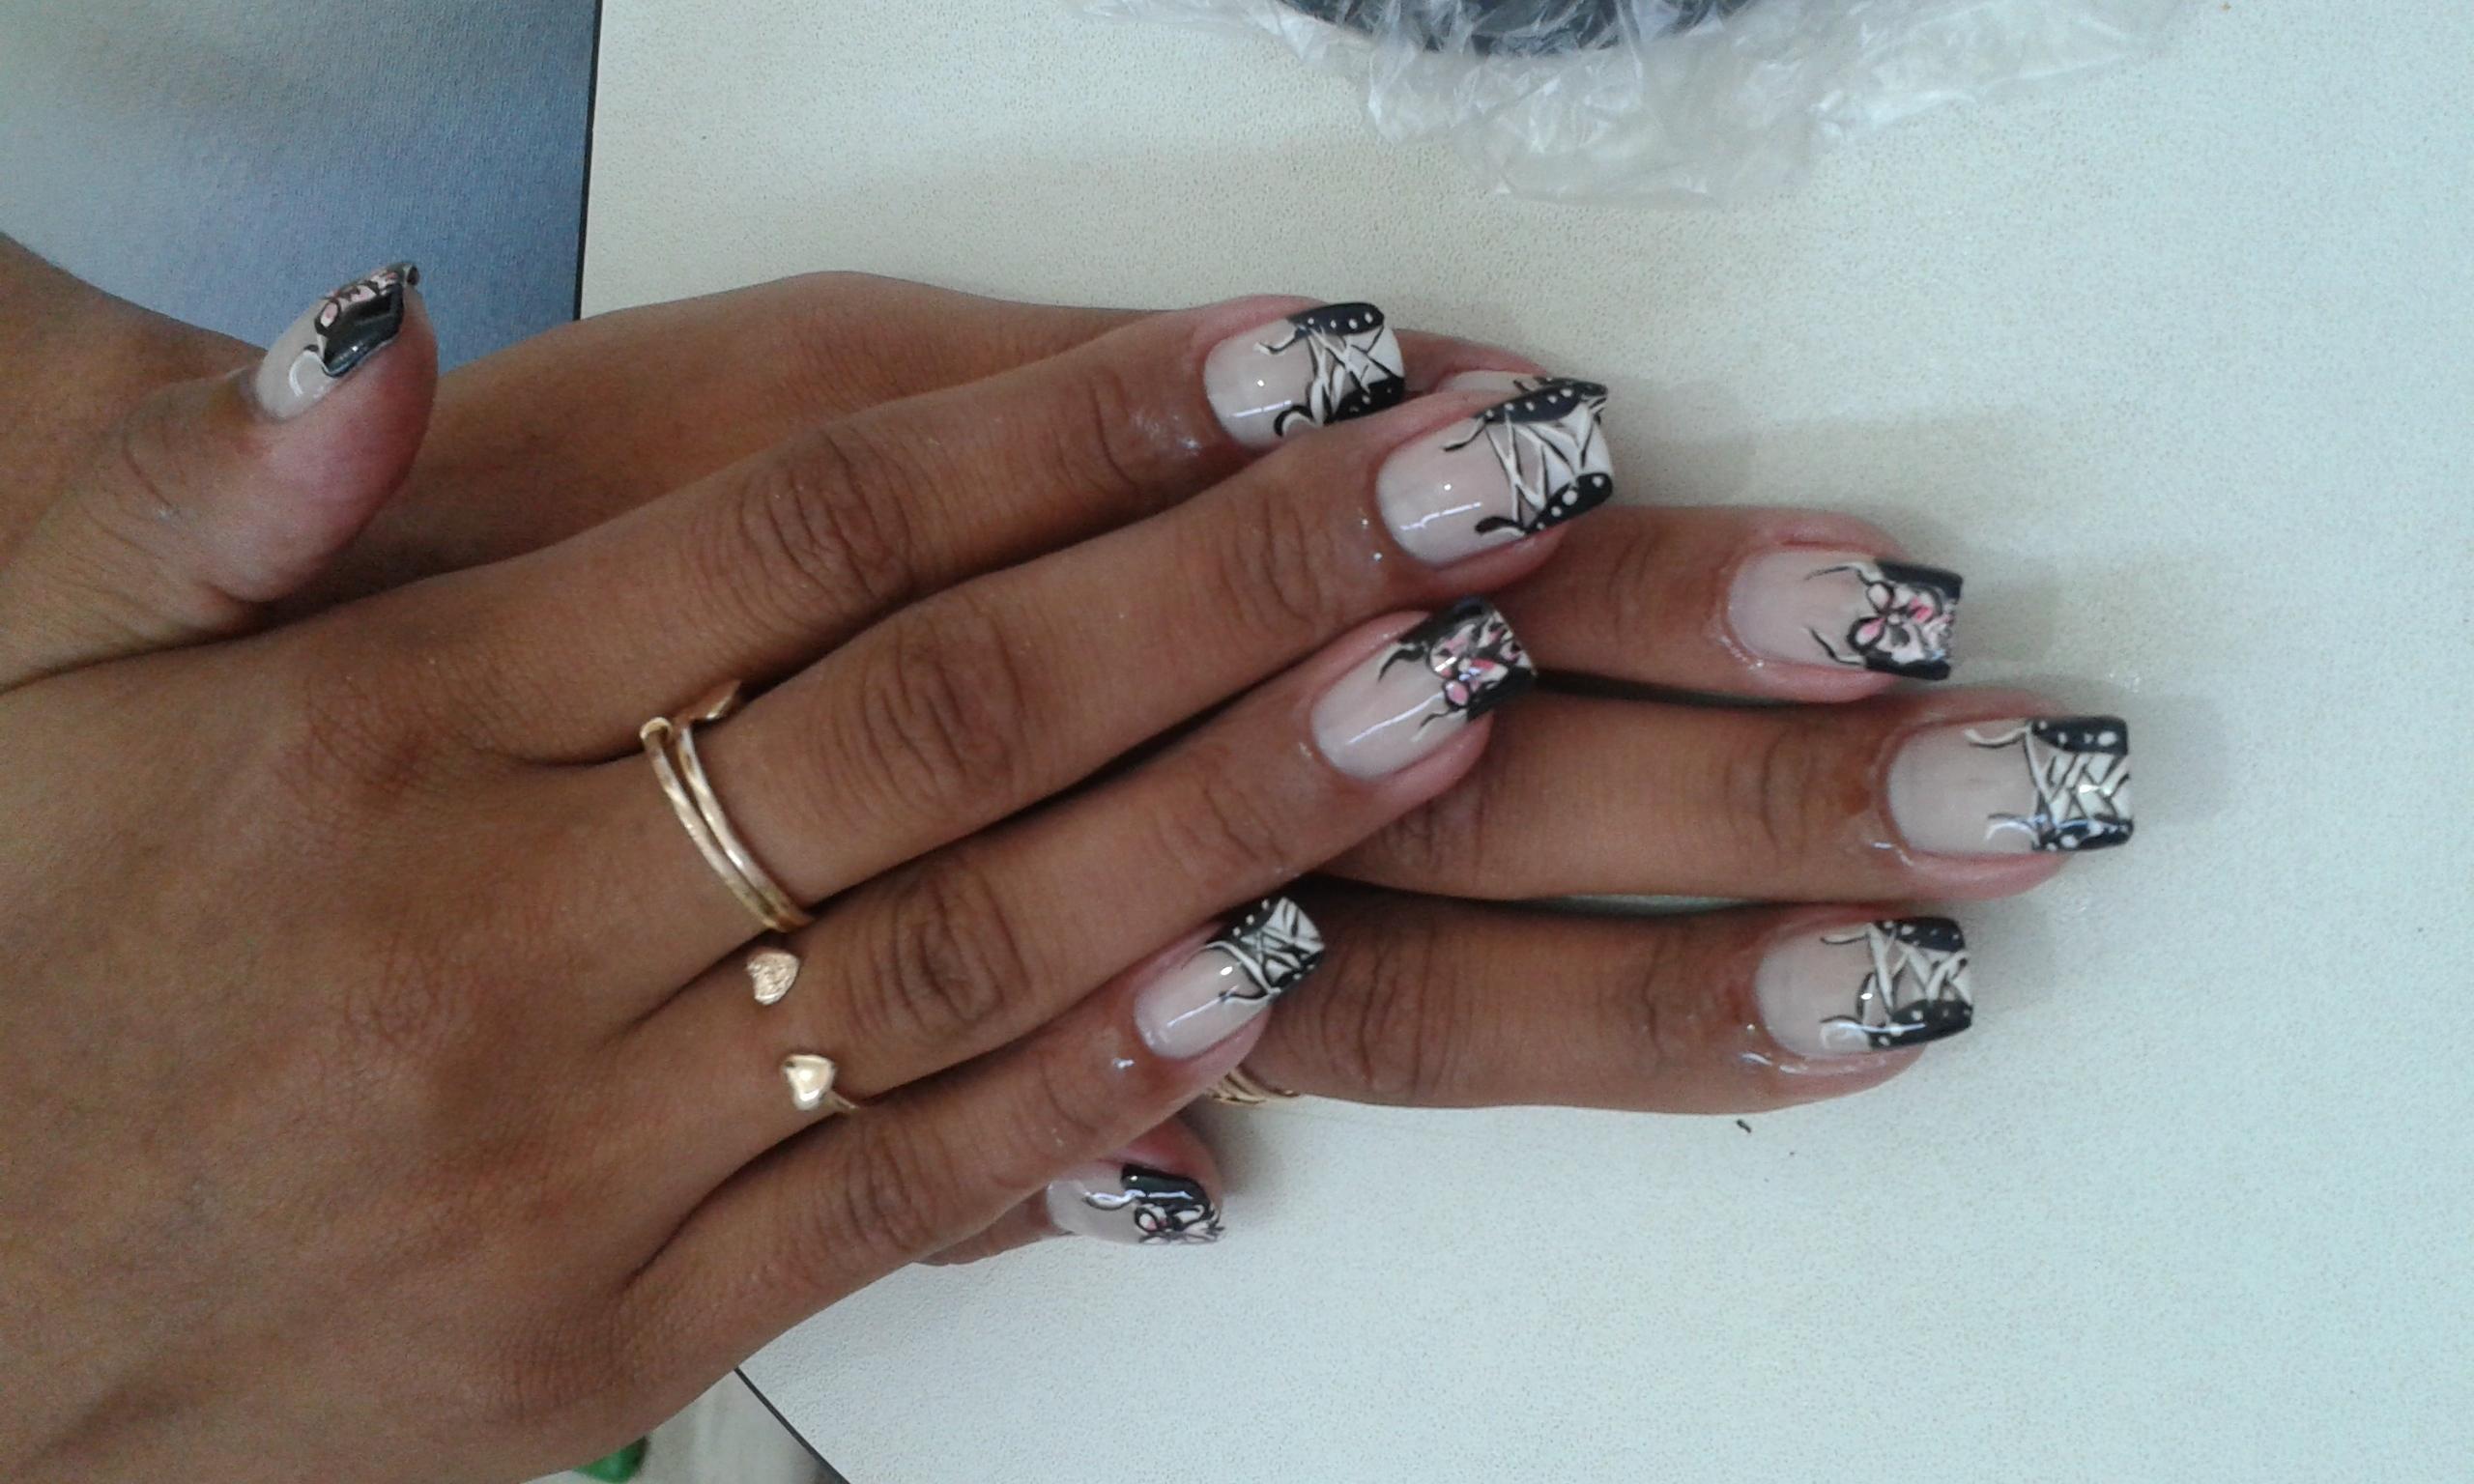 tênis, branco e preto, cadarço, decorada, escola, dia-a-dia unhas  manicure e pedicure manicure e pedicure